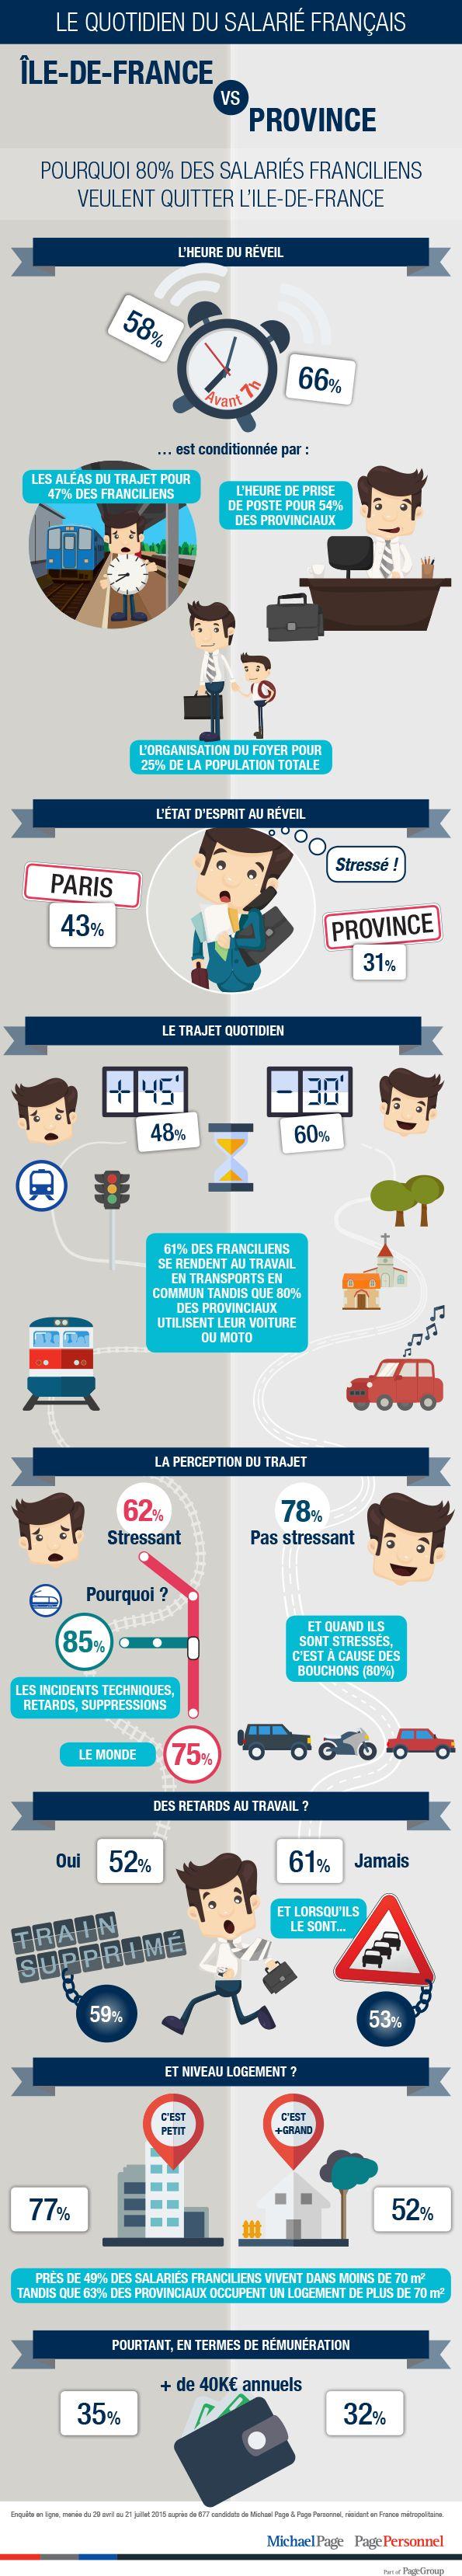 Infographie : Qualité de vie, le match Paris-province #QVT